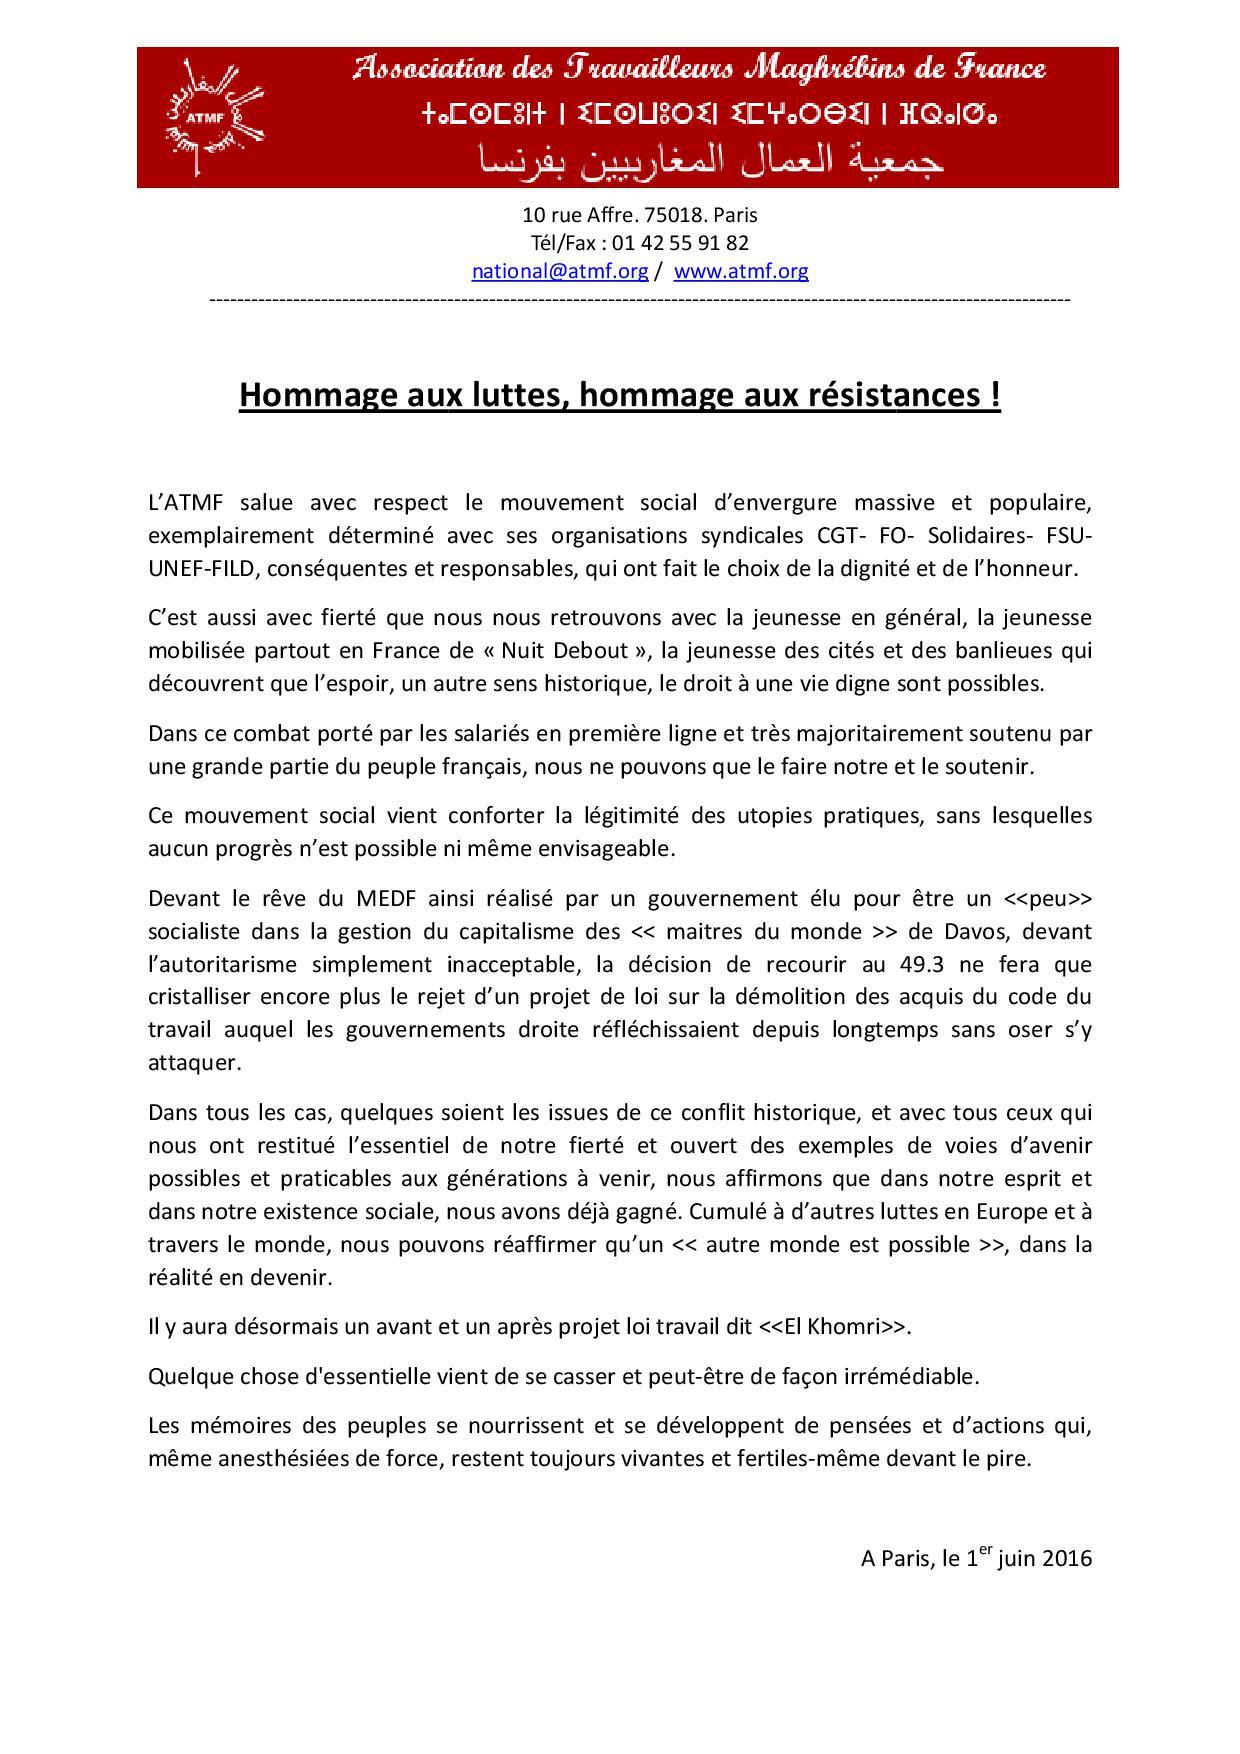 ATMF - Hommage aux luttes hommage aux résistances